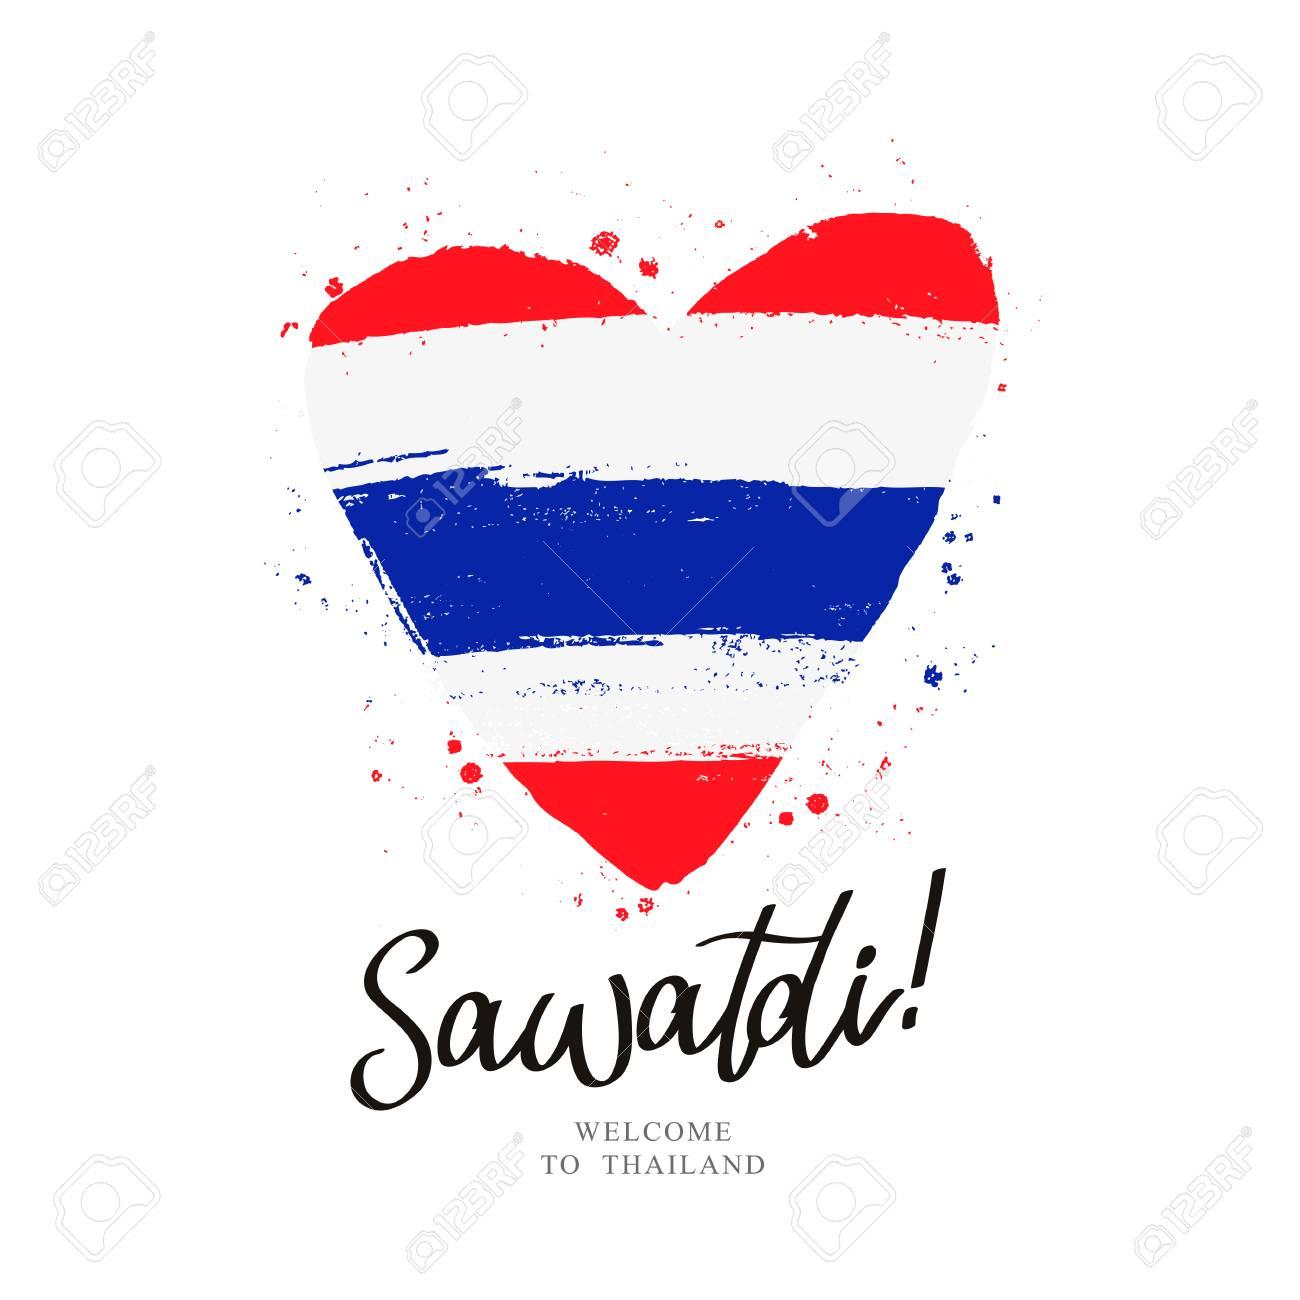 Sawatdi Thai Greeting Illustration Royalty Free Cliparts Vectors